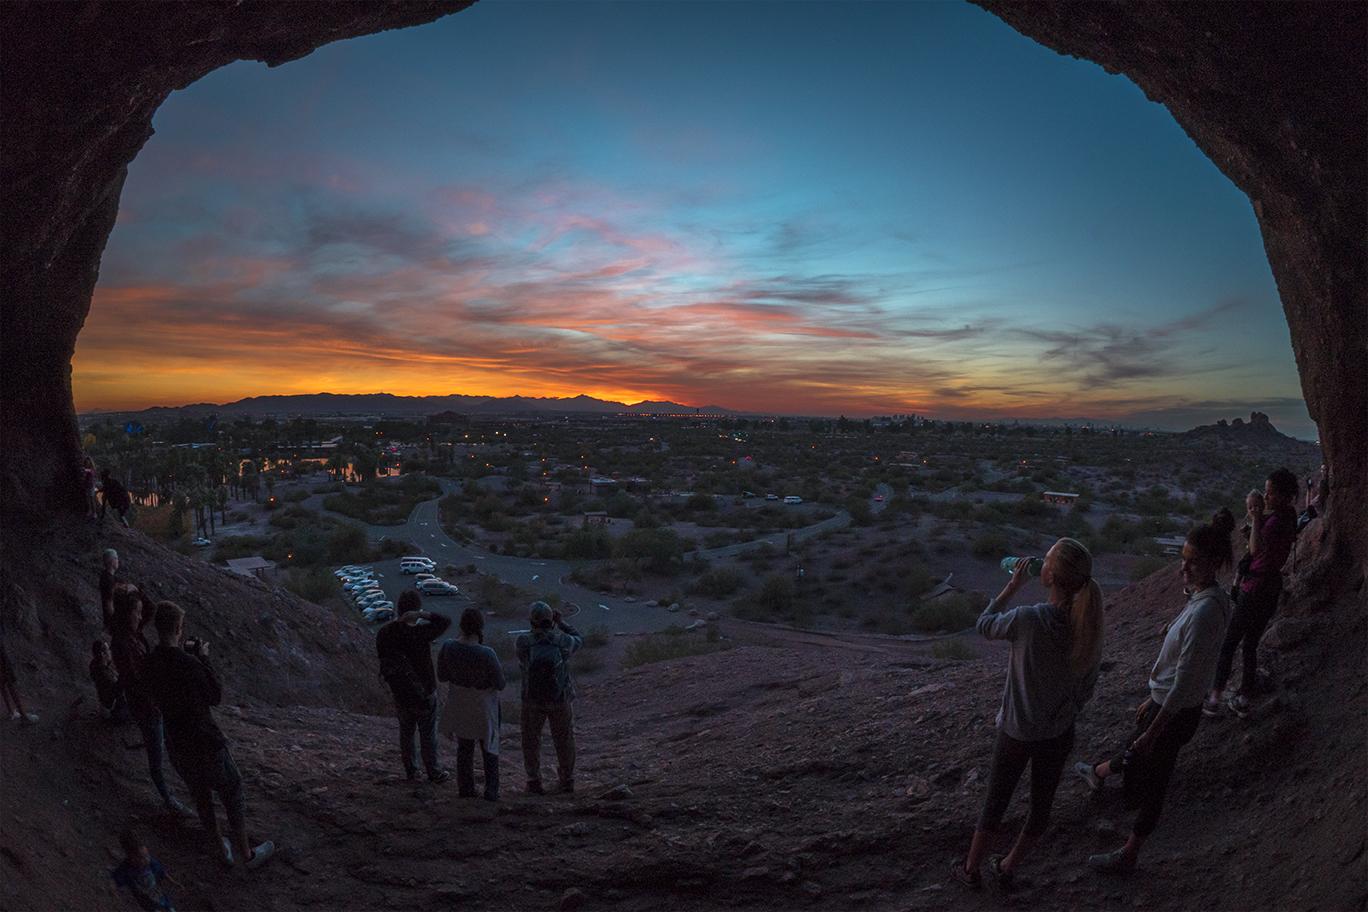 phoenix, arizona. 2017